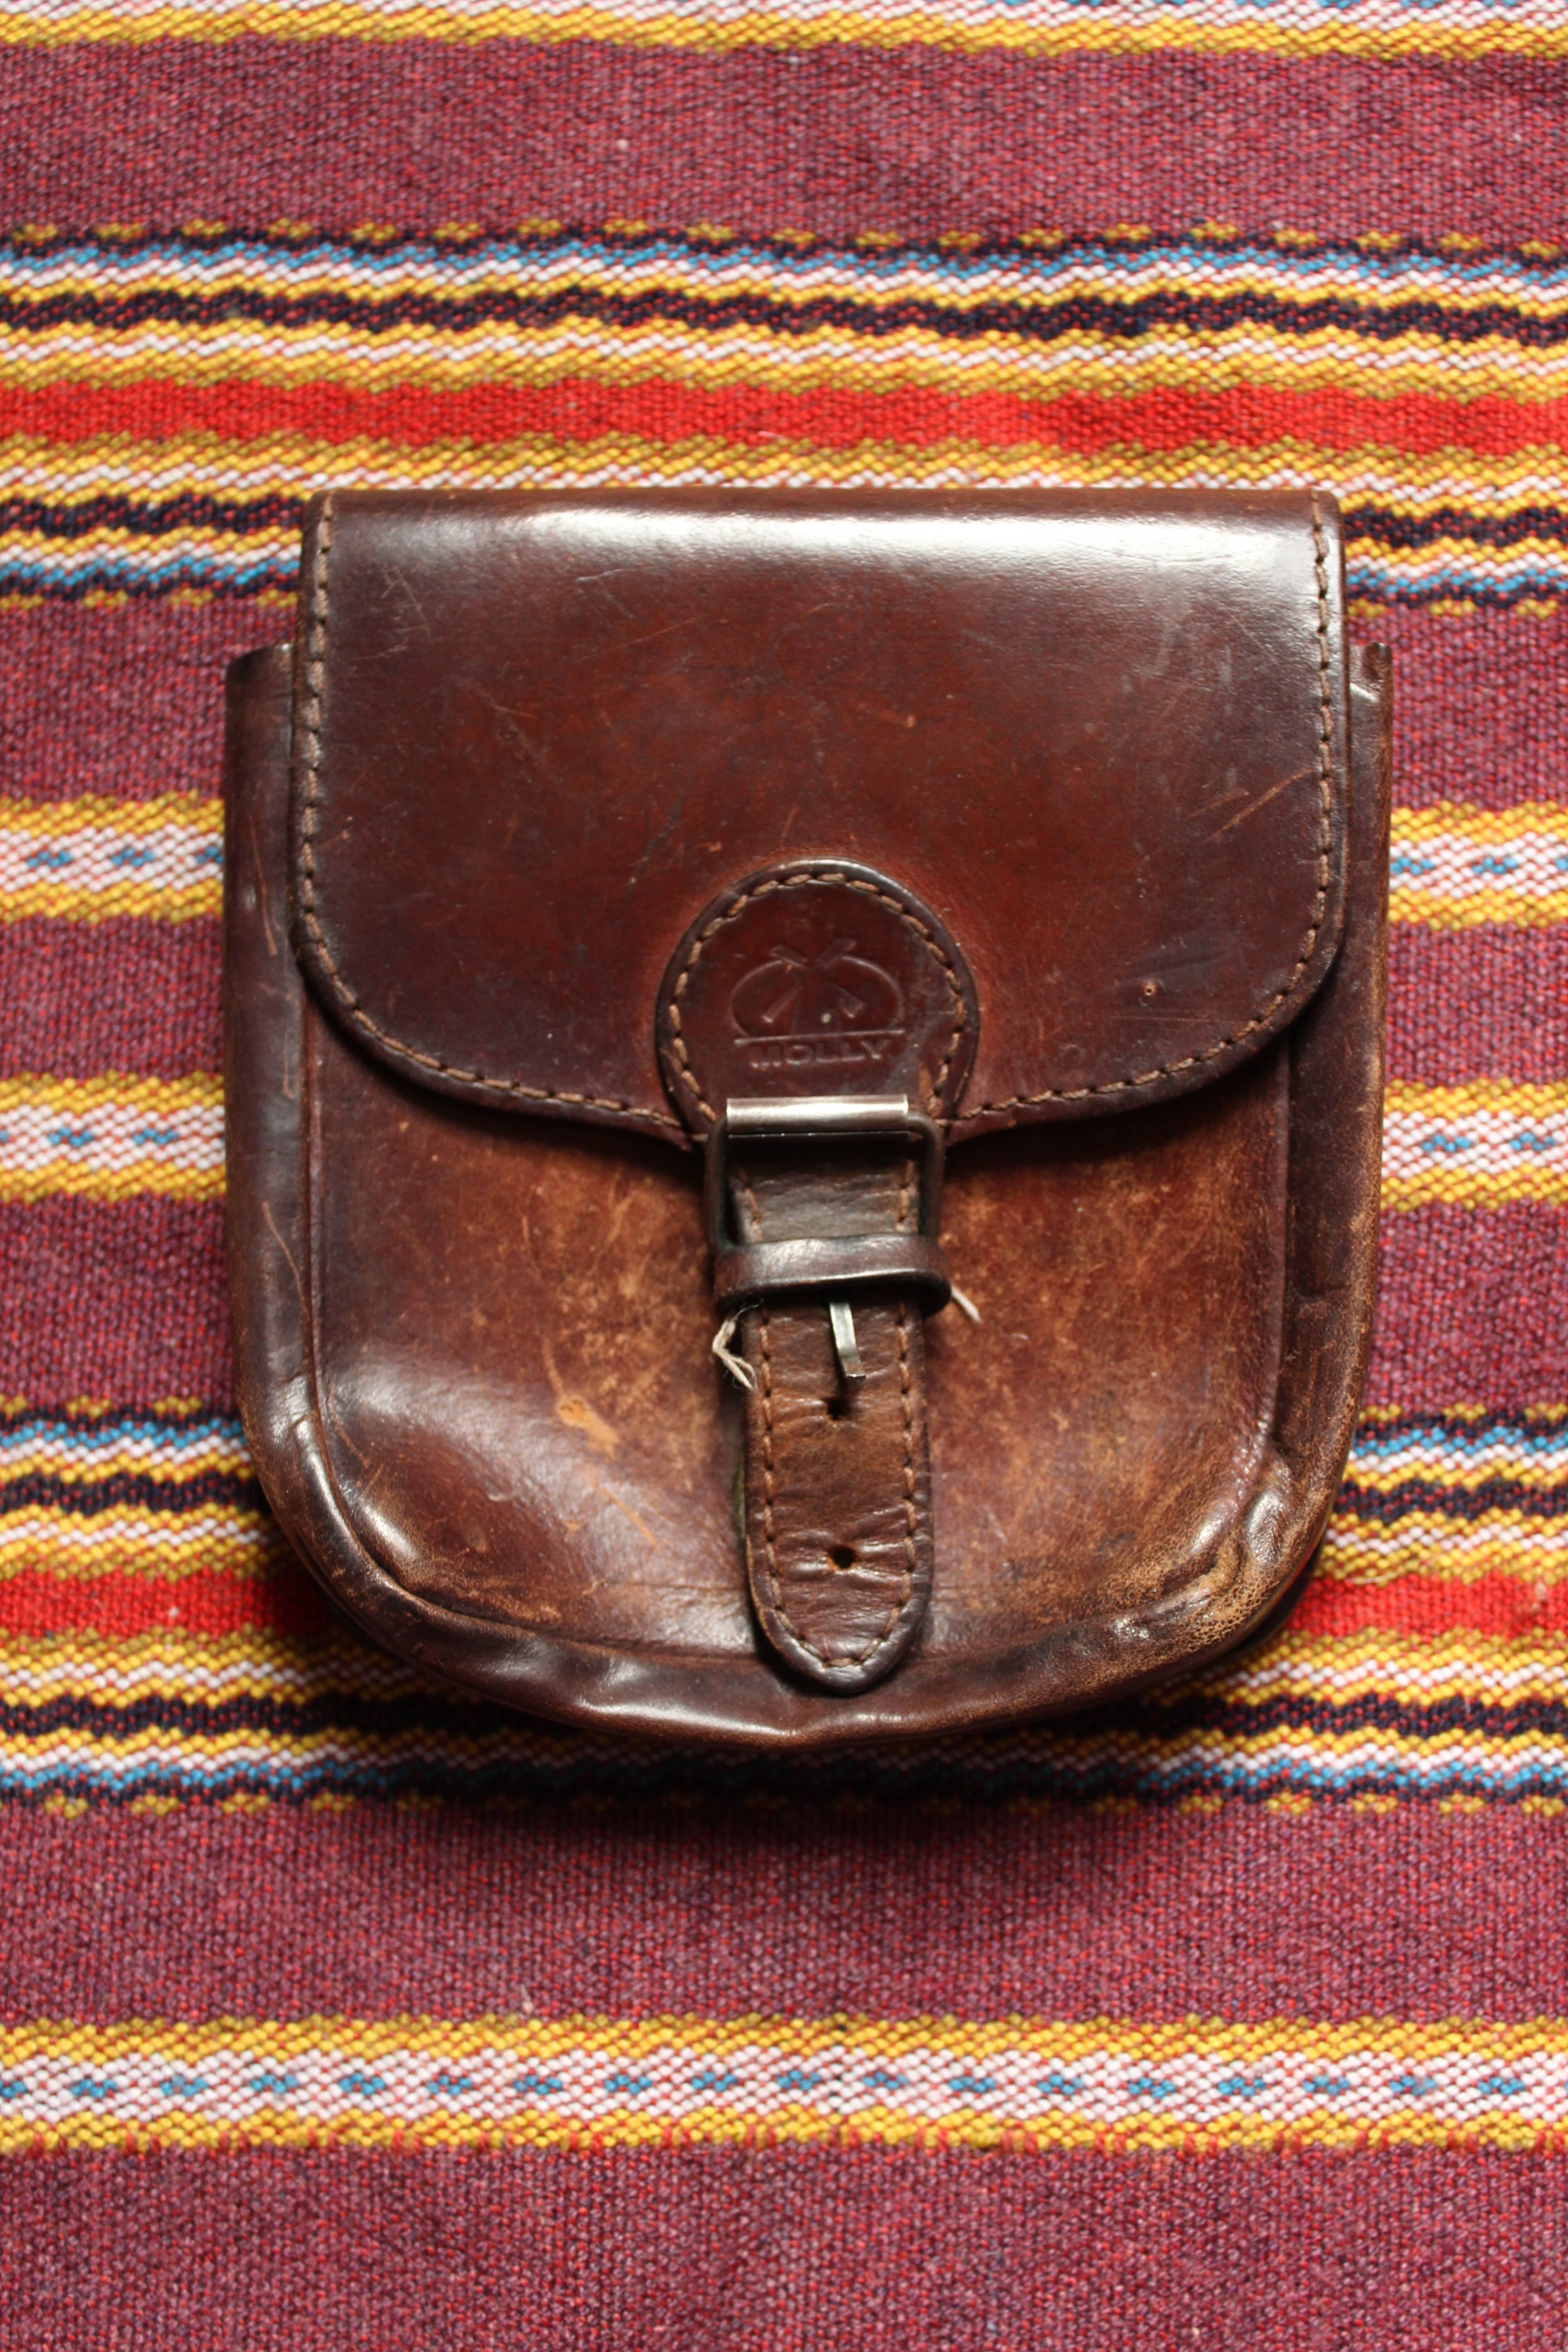 Vintage Leather Belt Bag · TILDA FONDY · Online Store Powered by ...